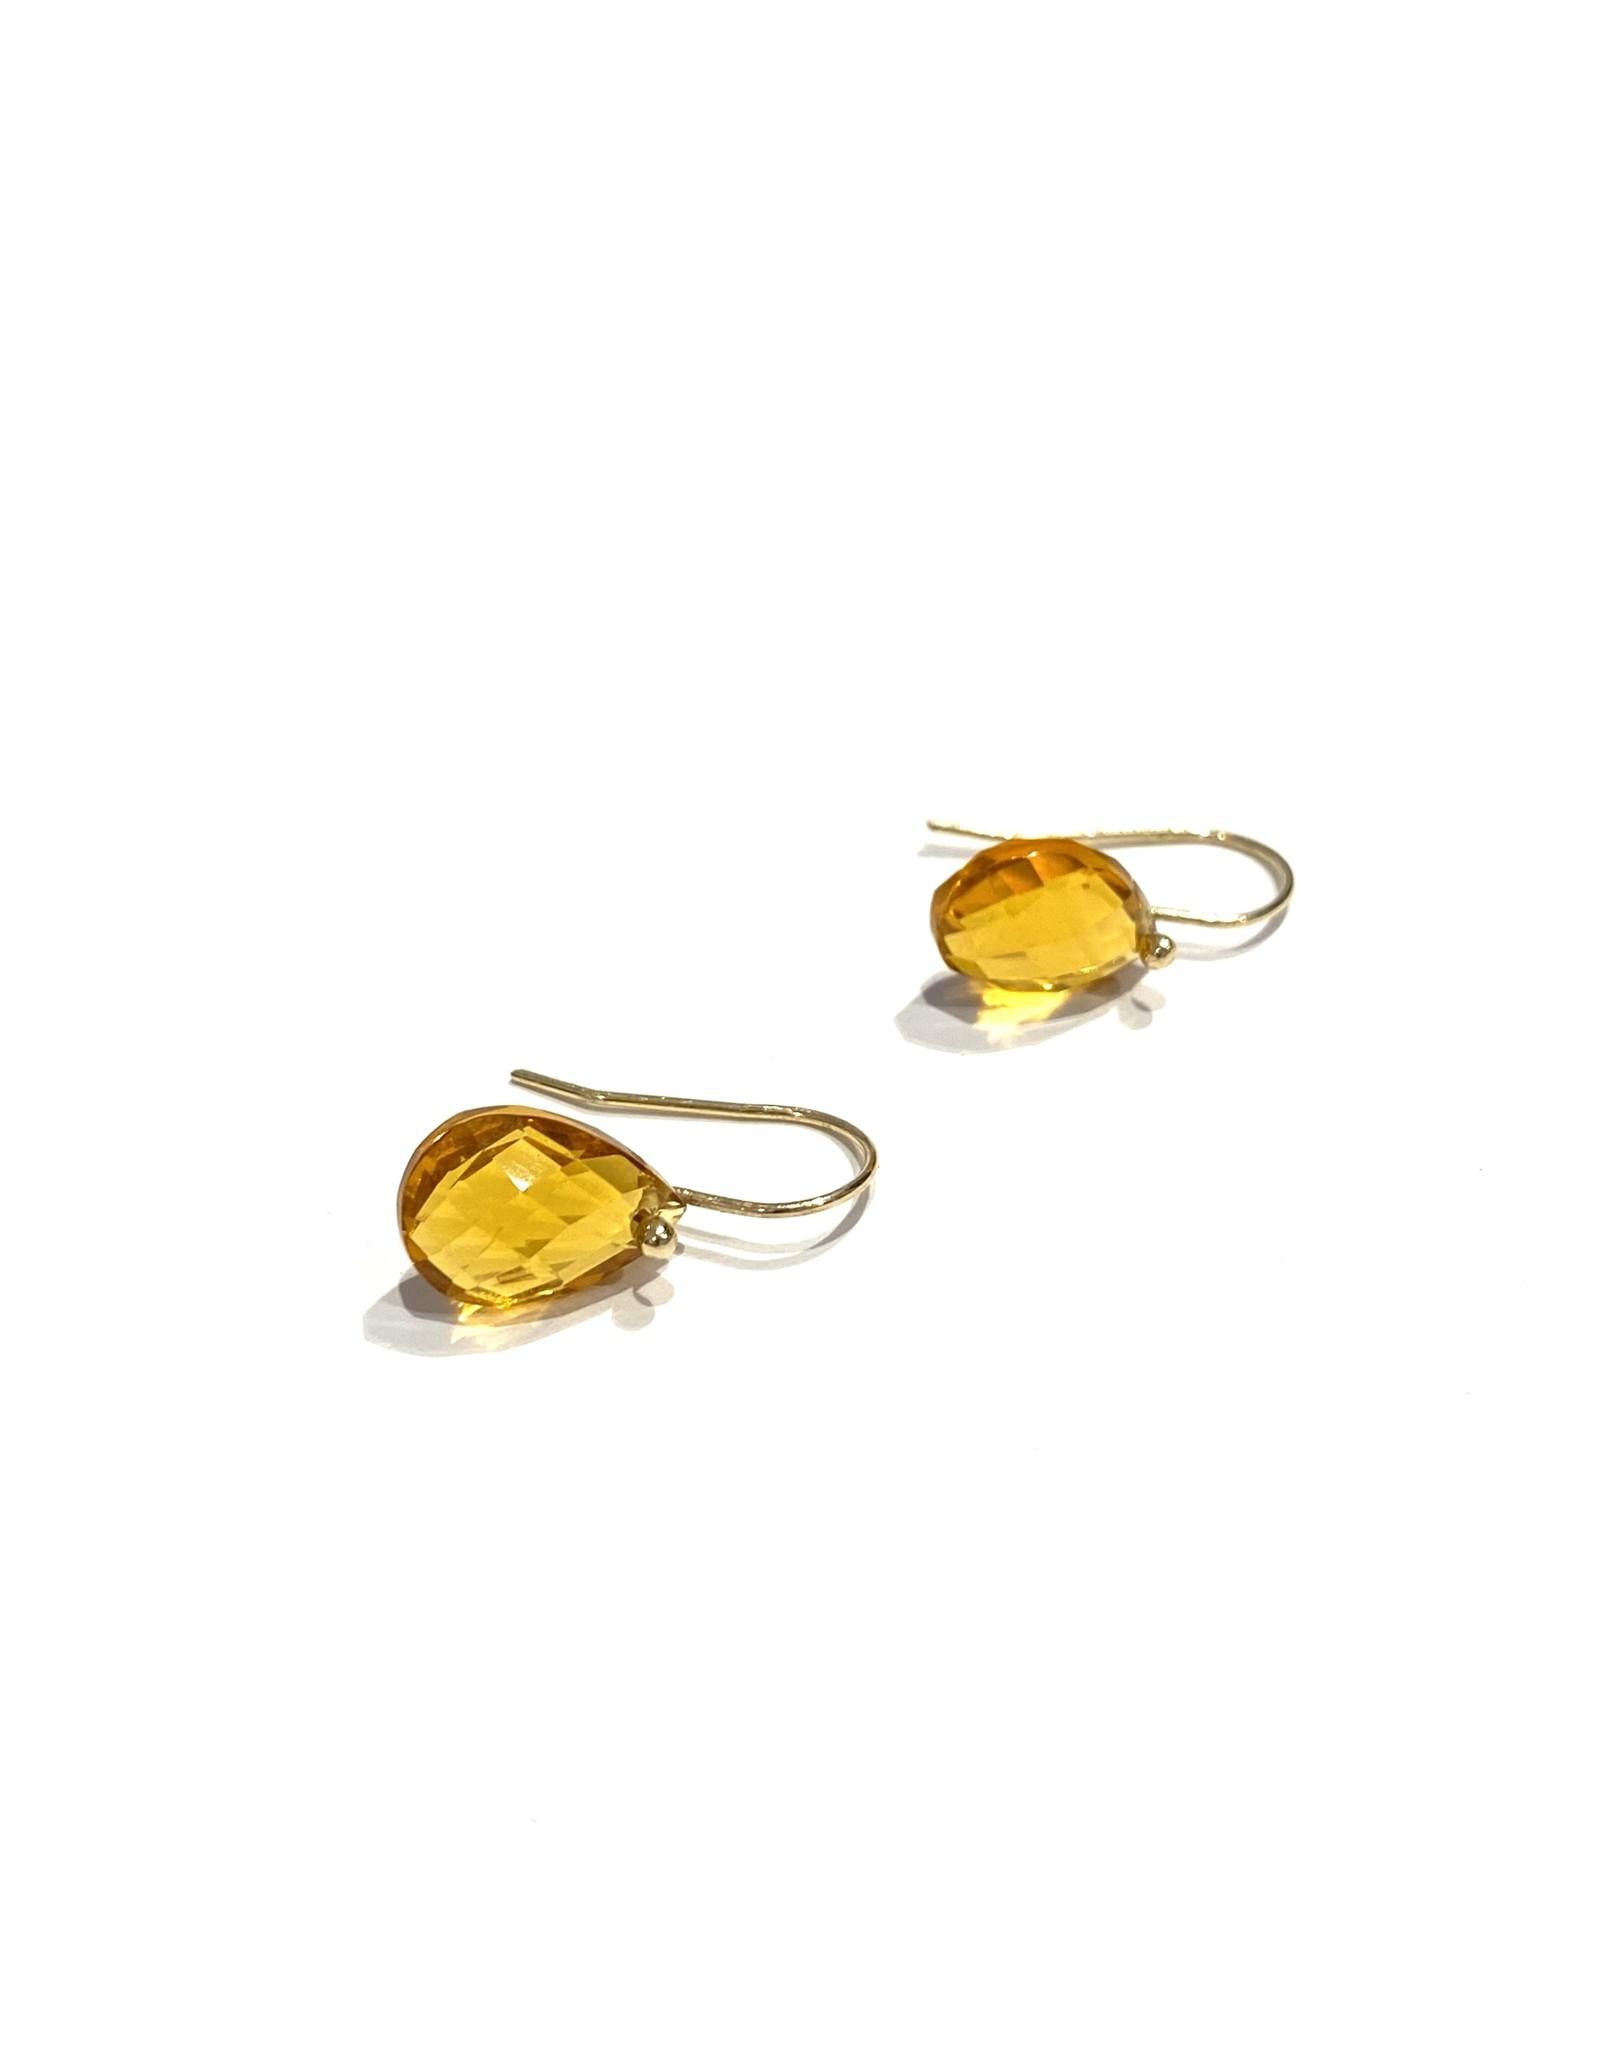 Bo Gold Oorbellen - Goud - Citrien